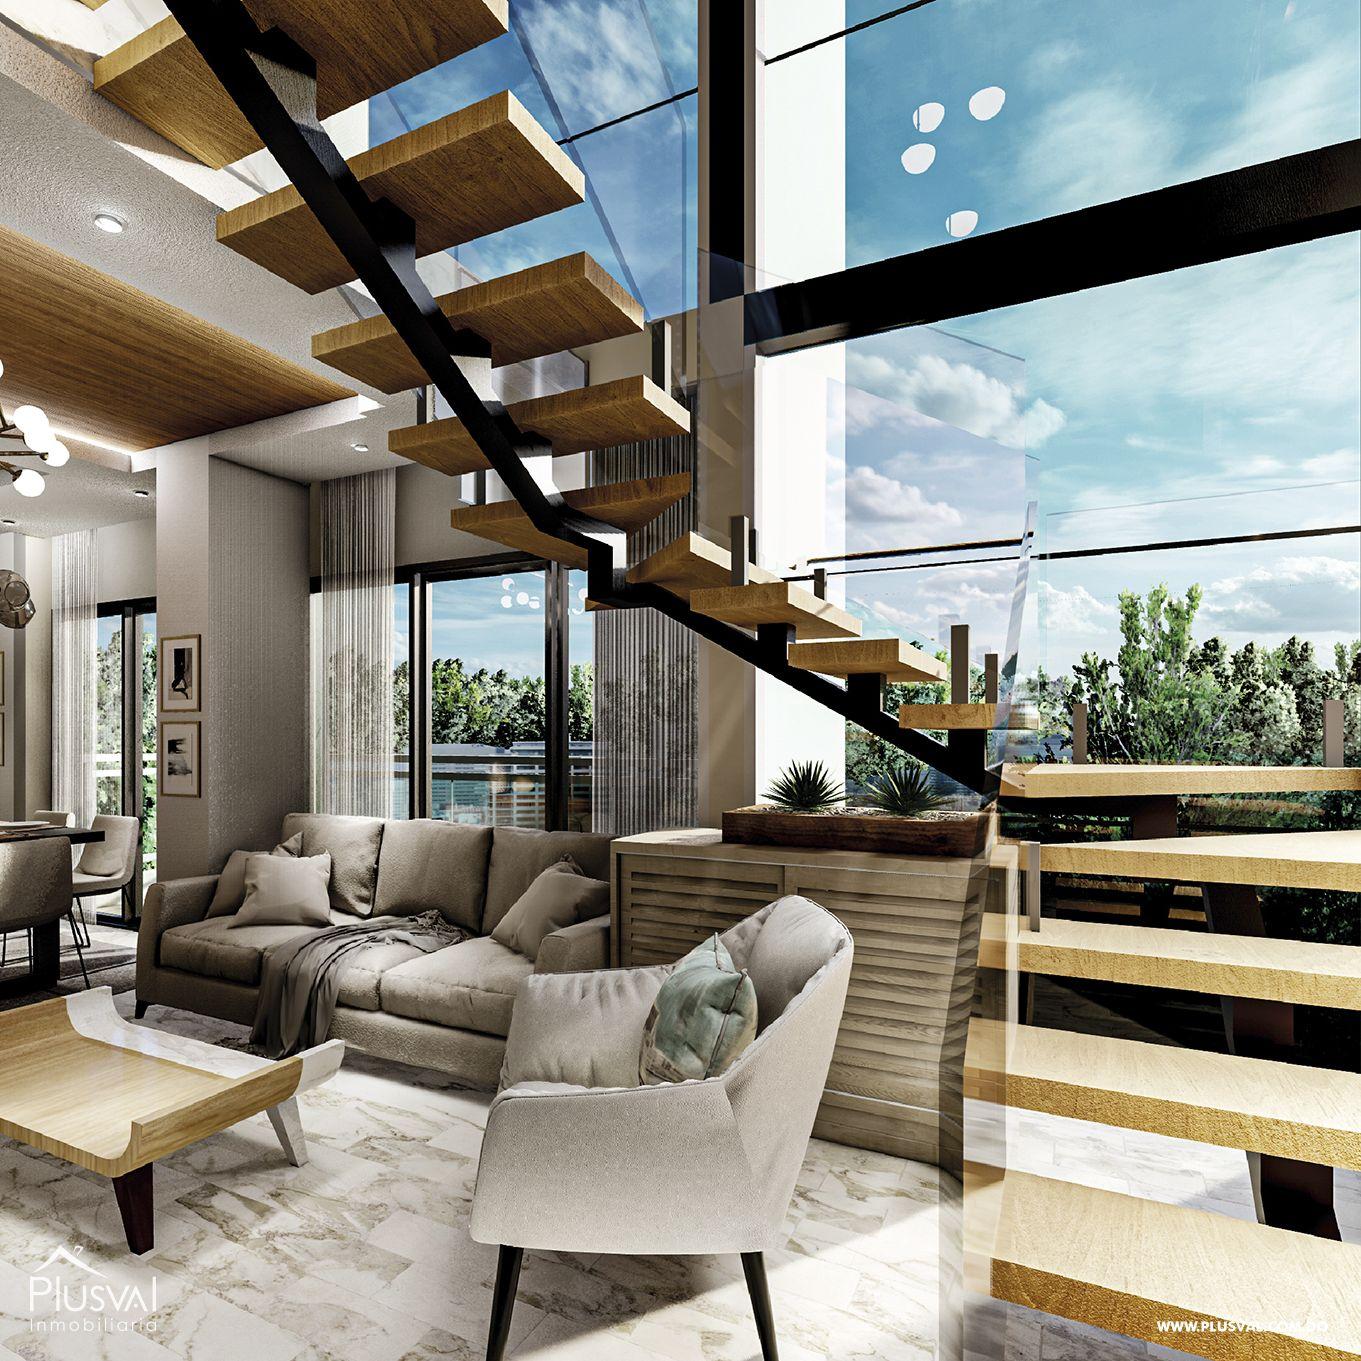 Penthouse en proyecto residencial moderno - Carretera Mella